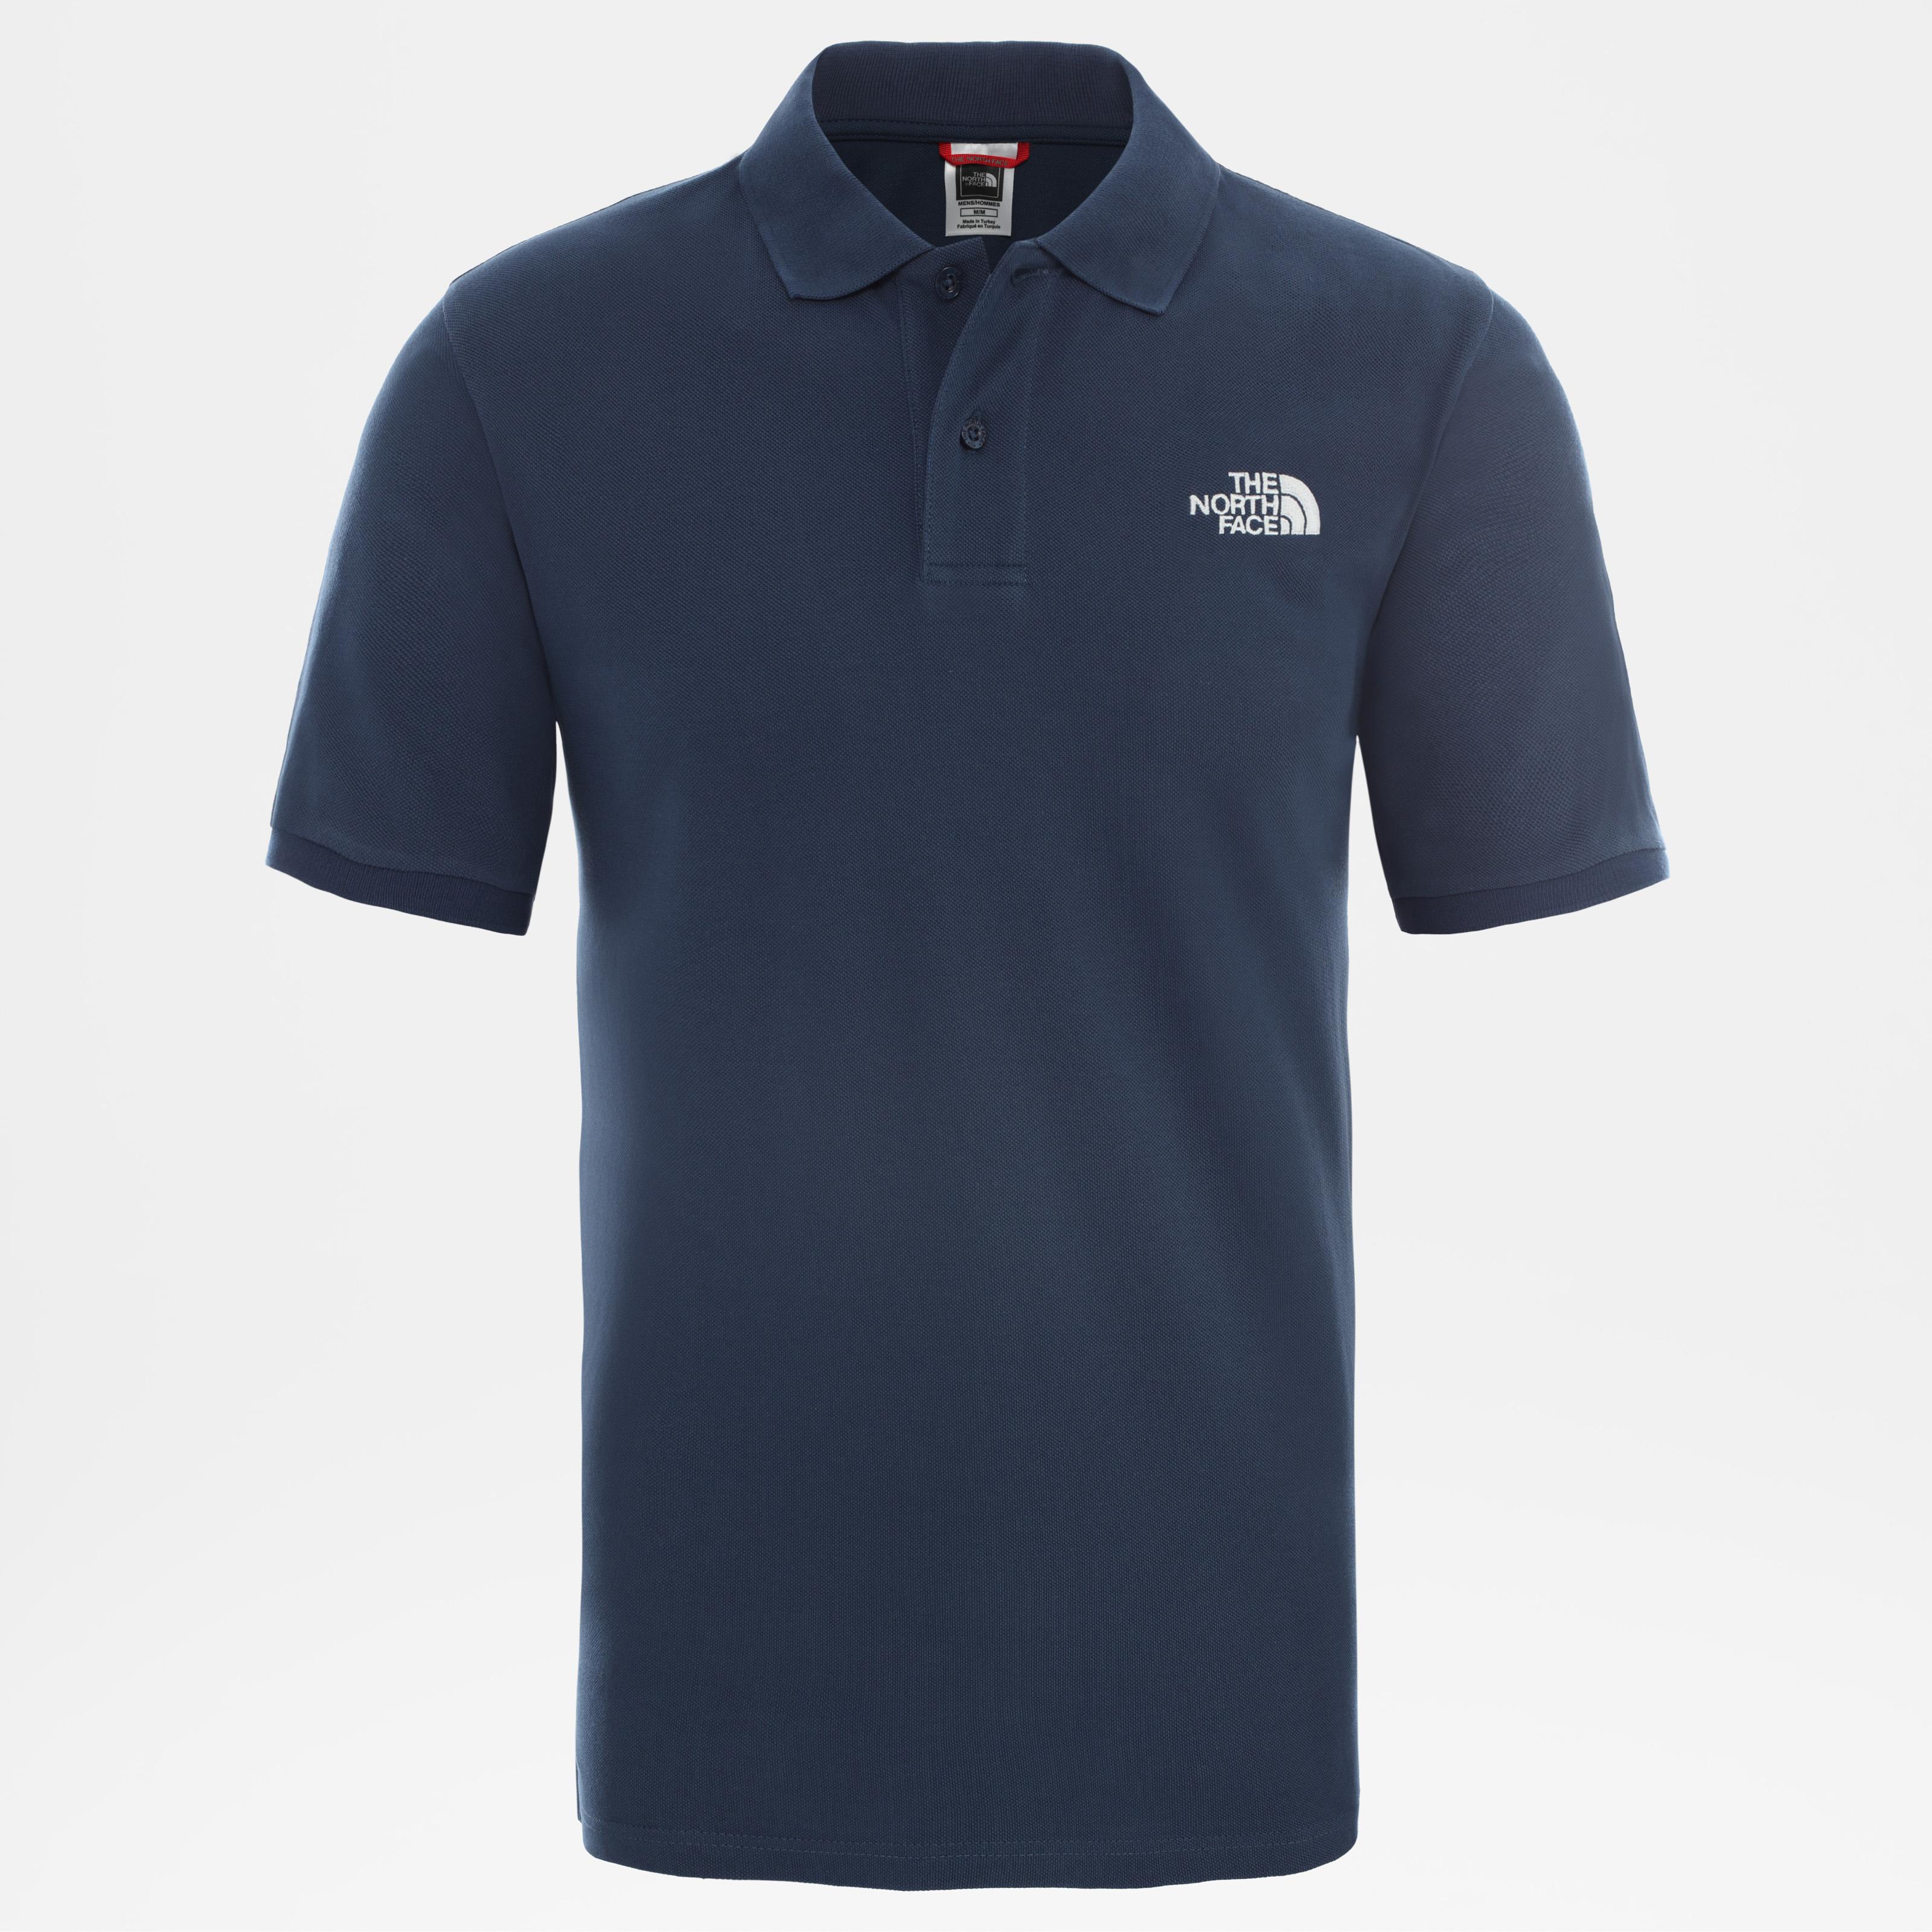 Мужская футболка поло Piquet Polo Shirt фото